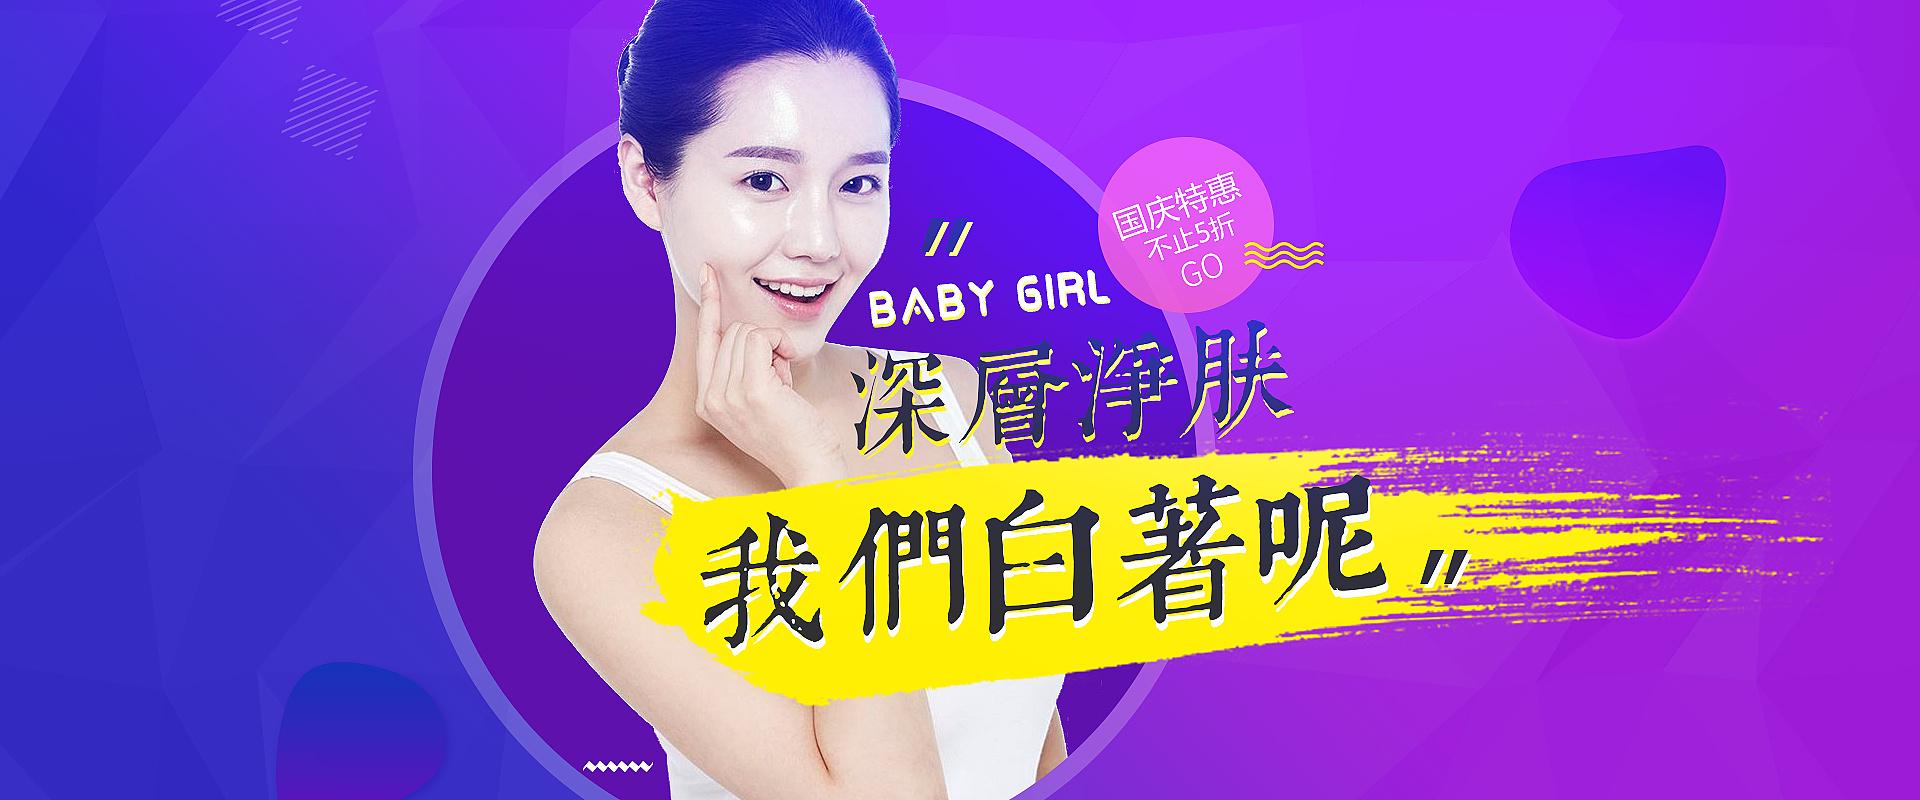 整形banner|网页|banner/广告图|xiamixiaohua123